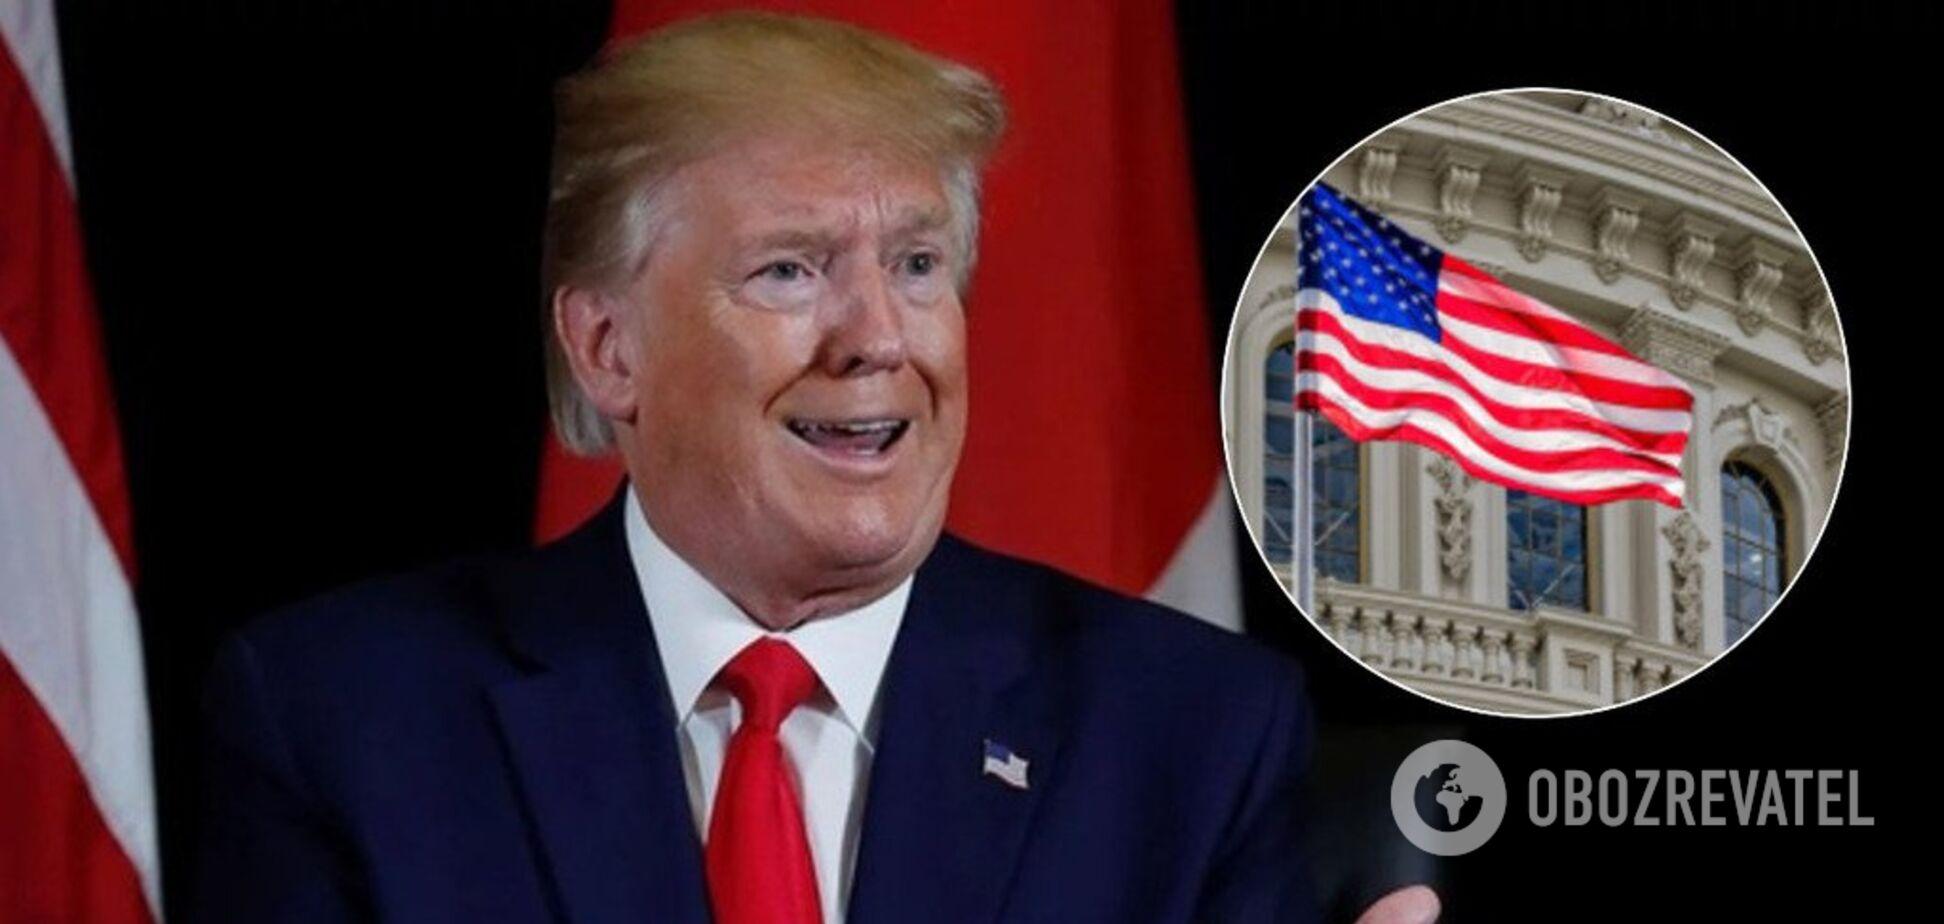 'Треба негайно зупинити!' У США оприлюднили гучні звинувачення проти Трампа